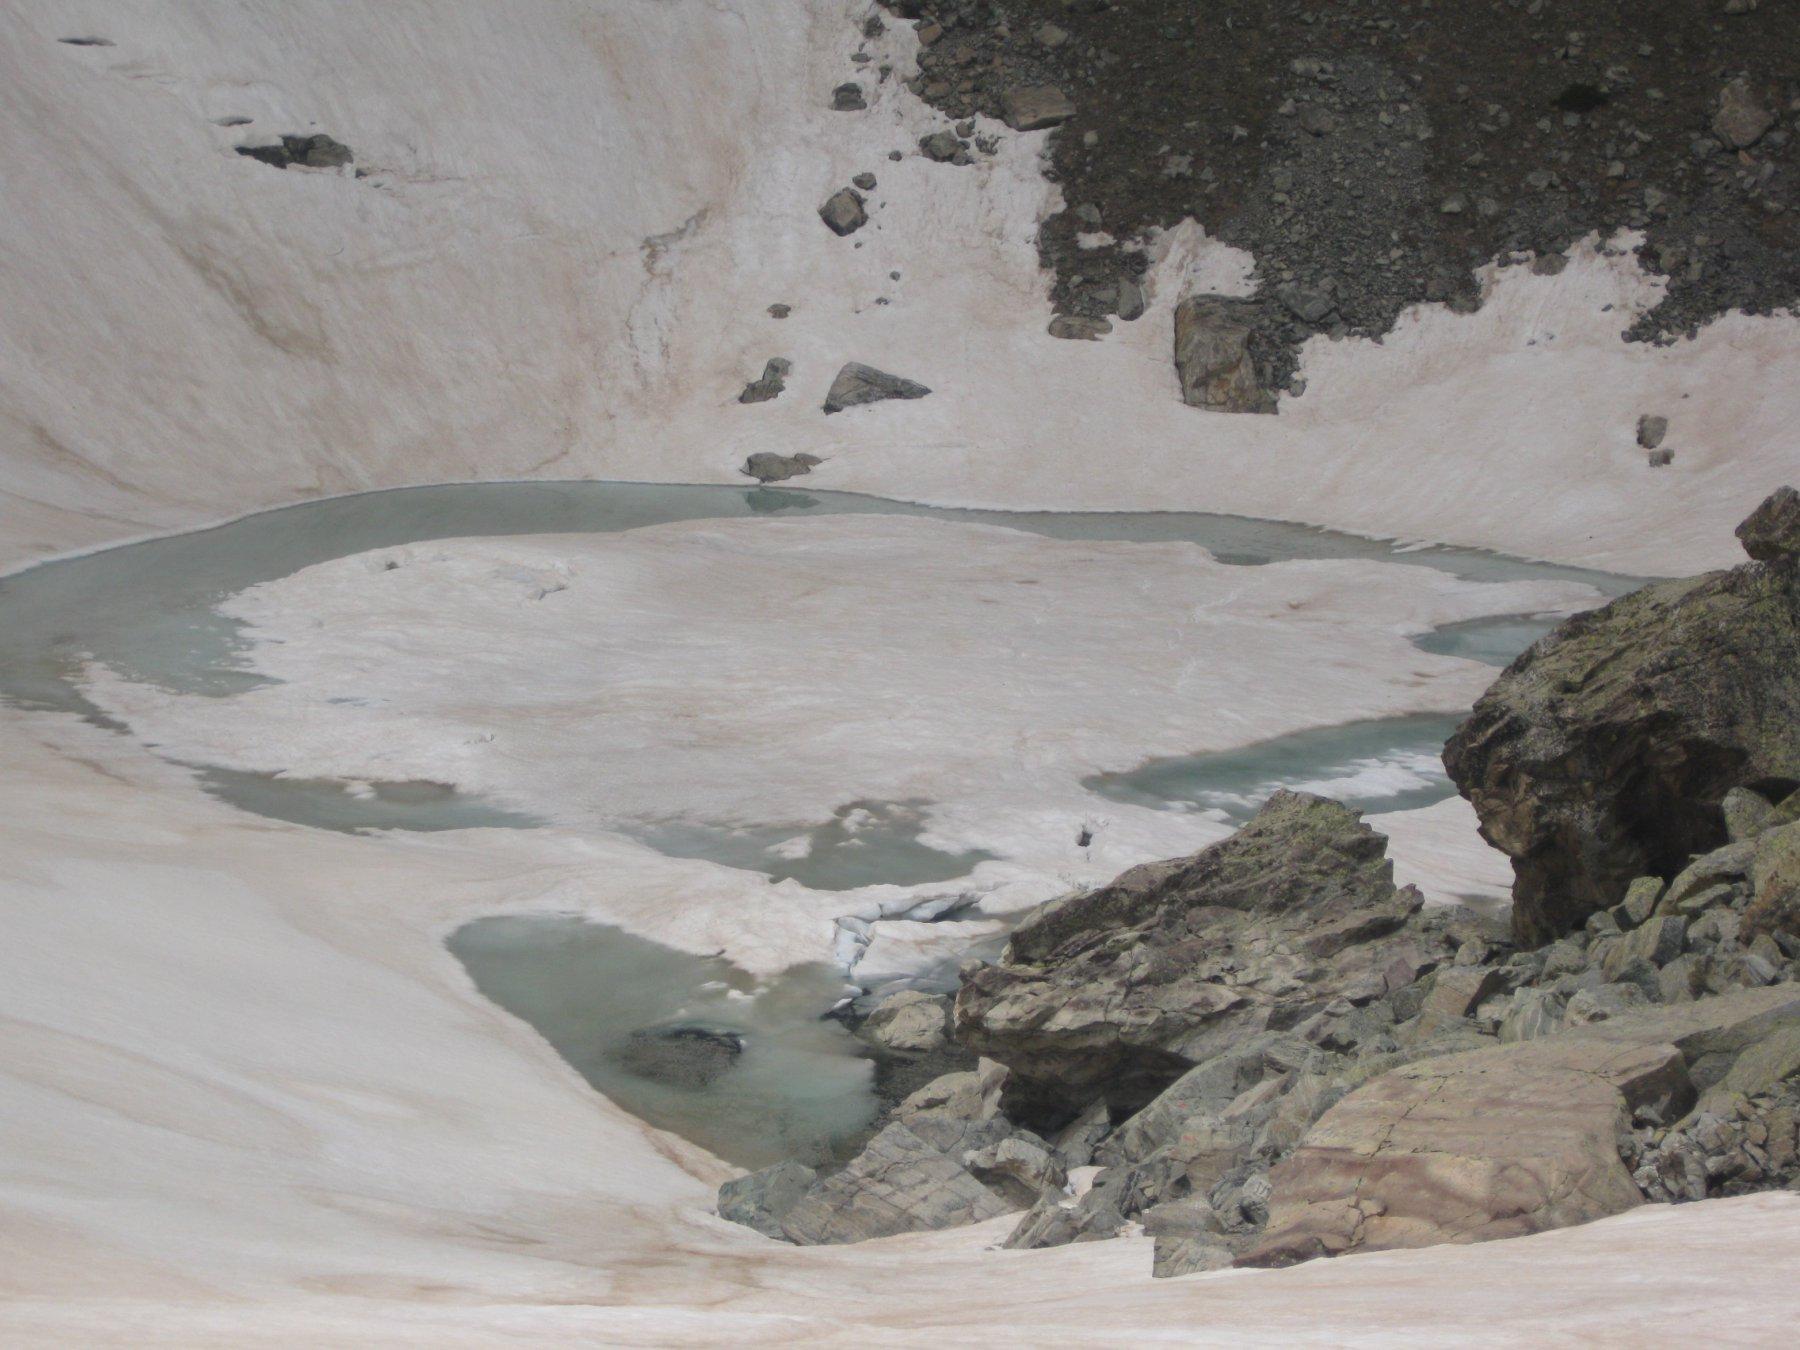 il lago dell' oro ancora ghiacciato